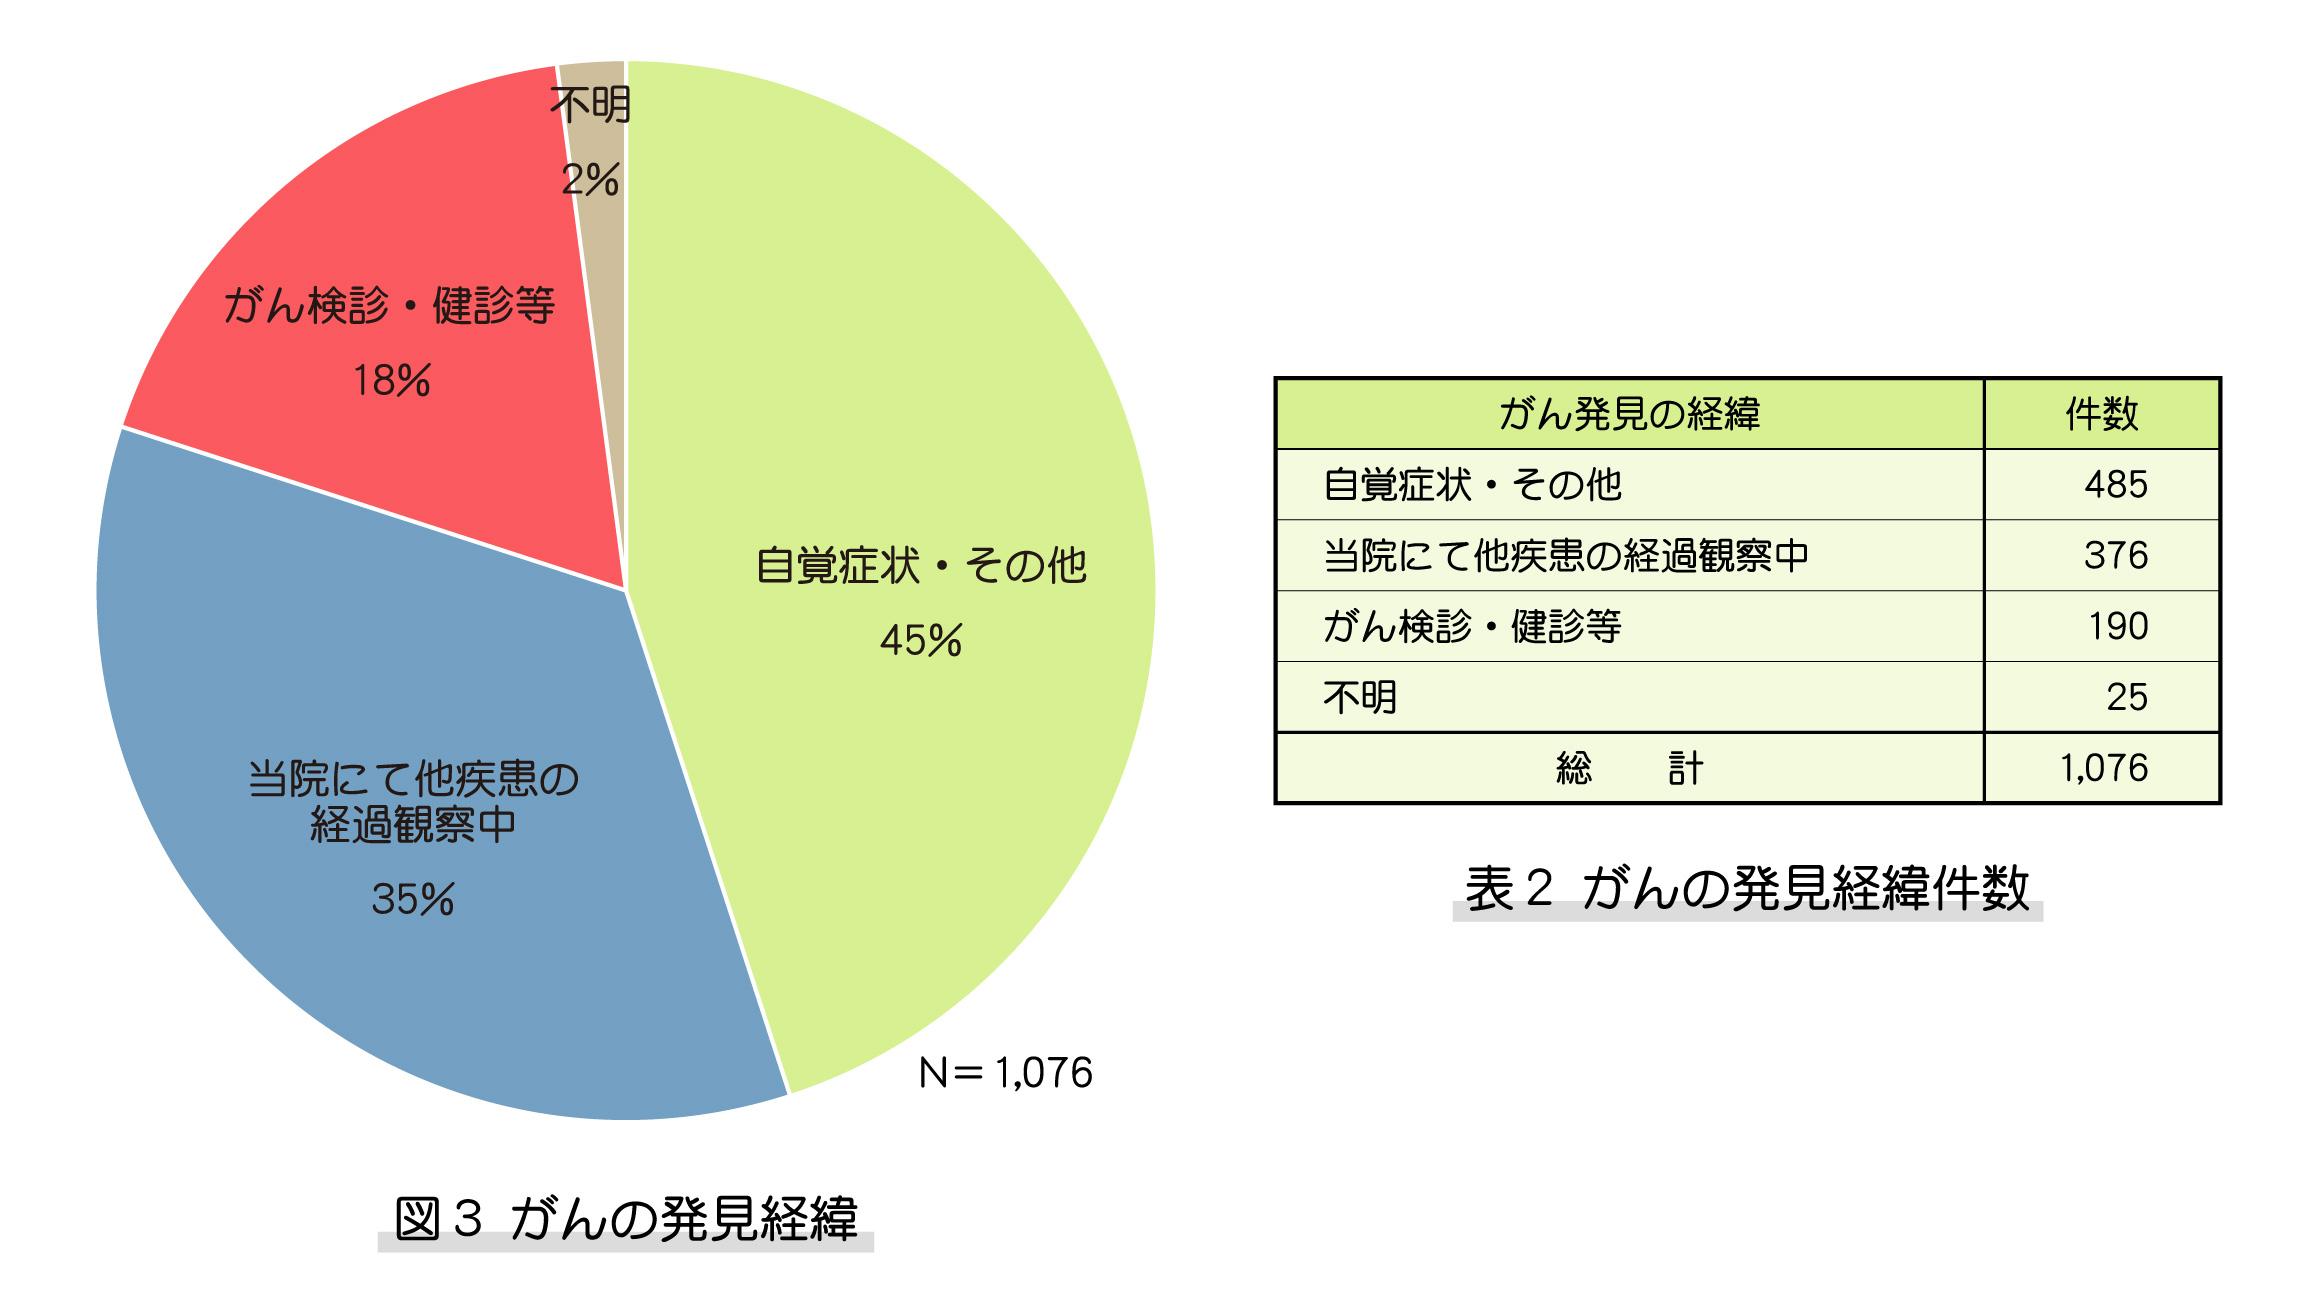 図3、表2